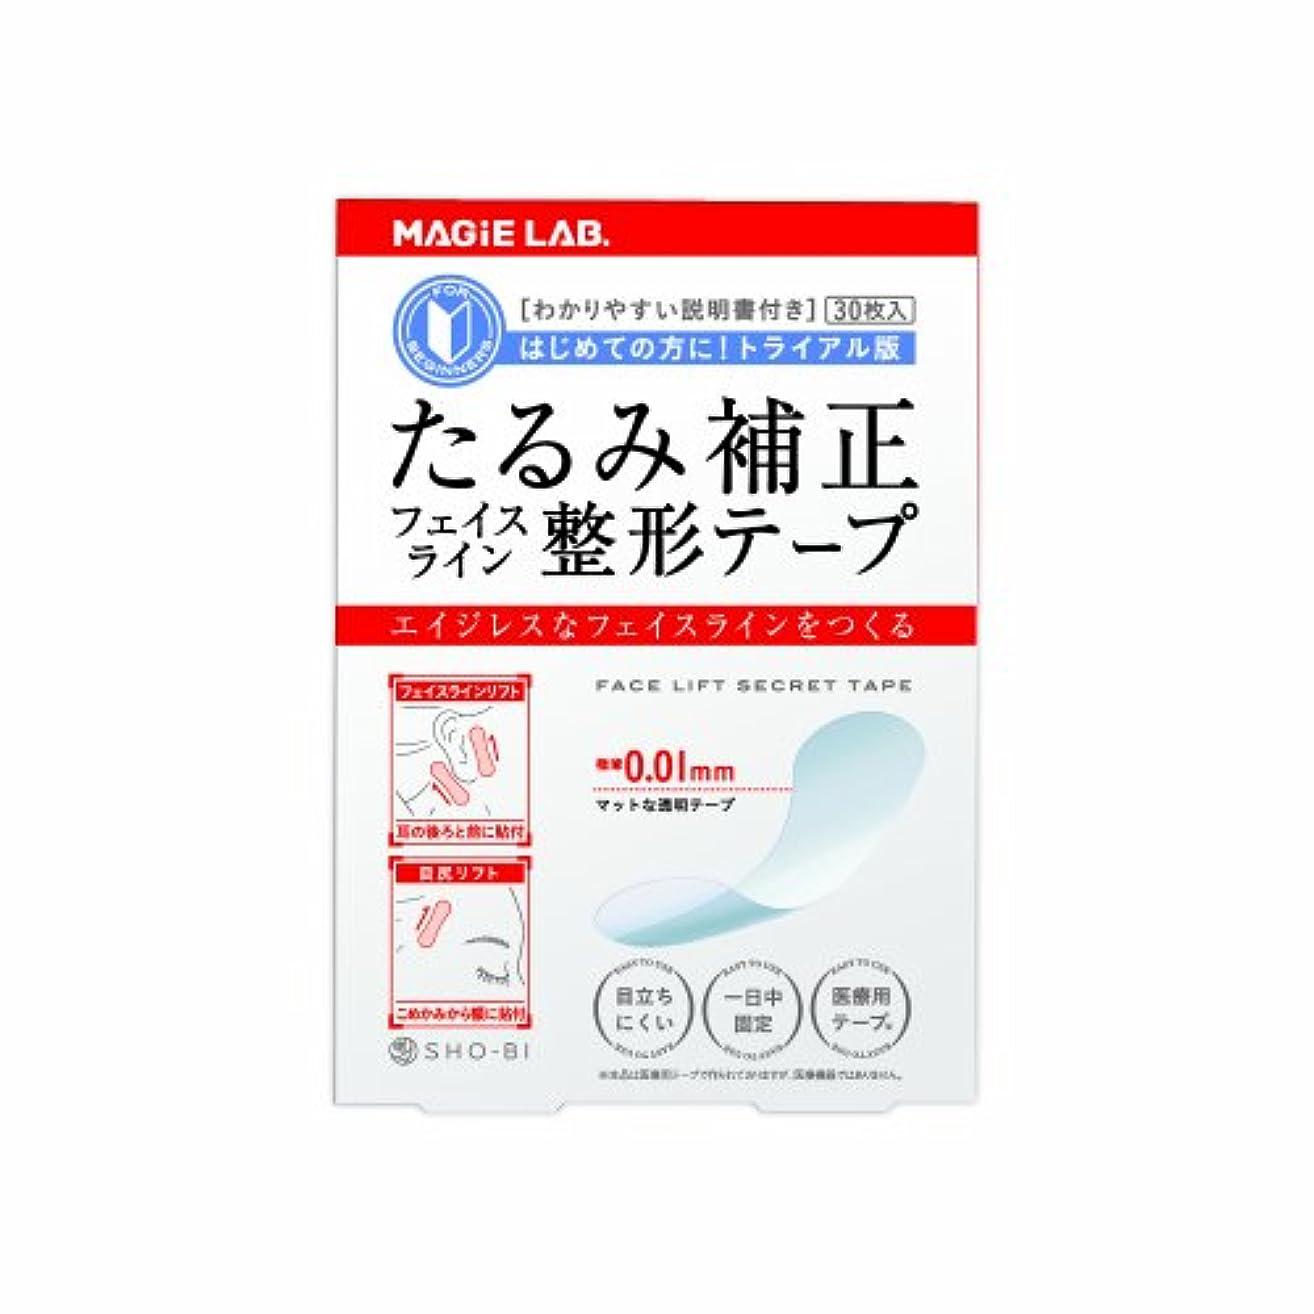 トンネルロックそうMG22106 フェイスライン 整形テープ トライアル版 30枚入 マジラボ MAGiE LAB.